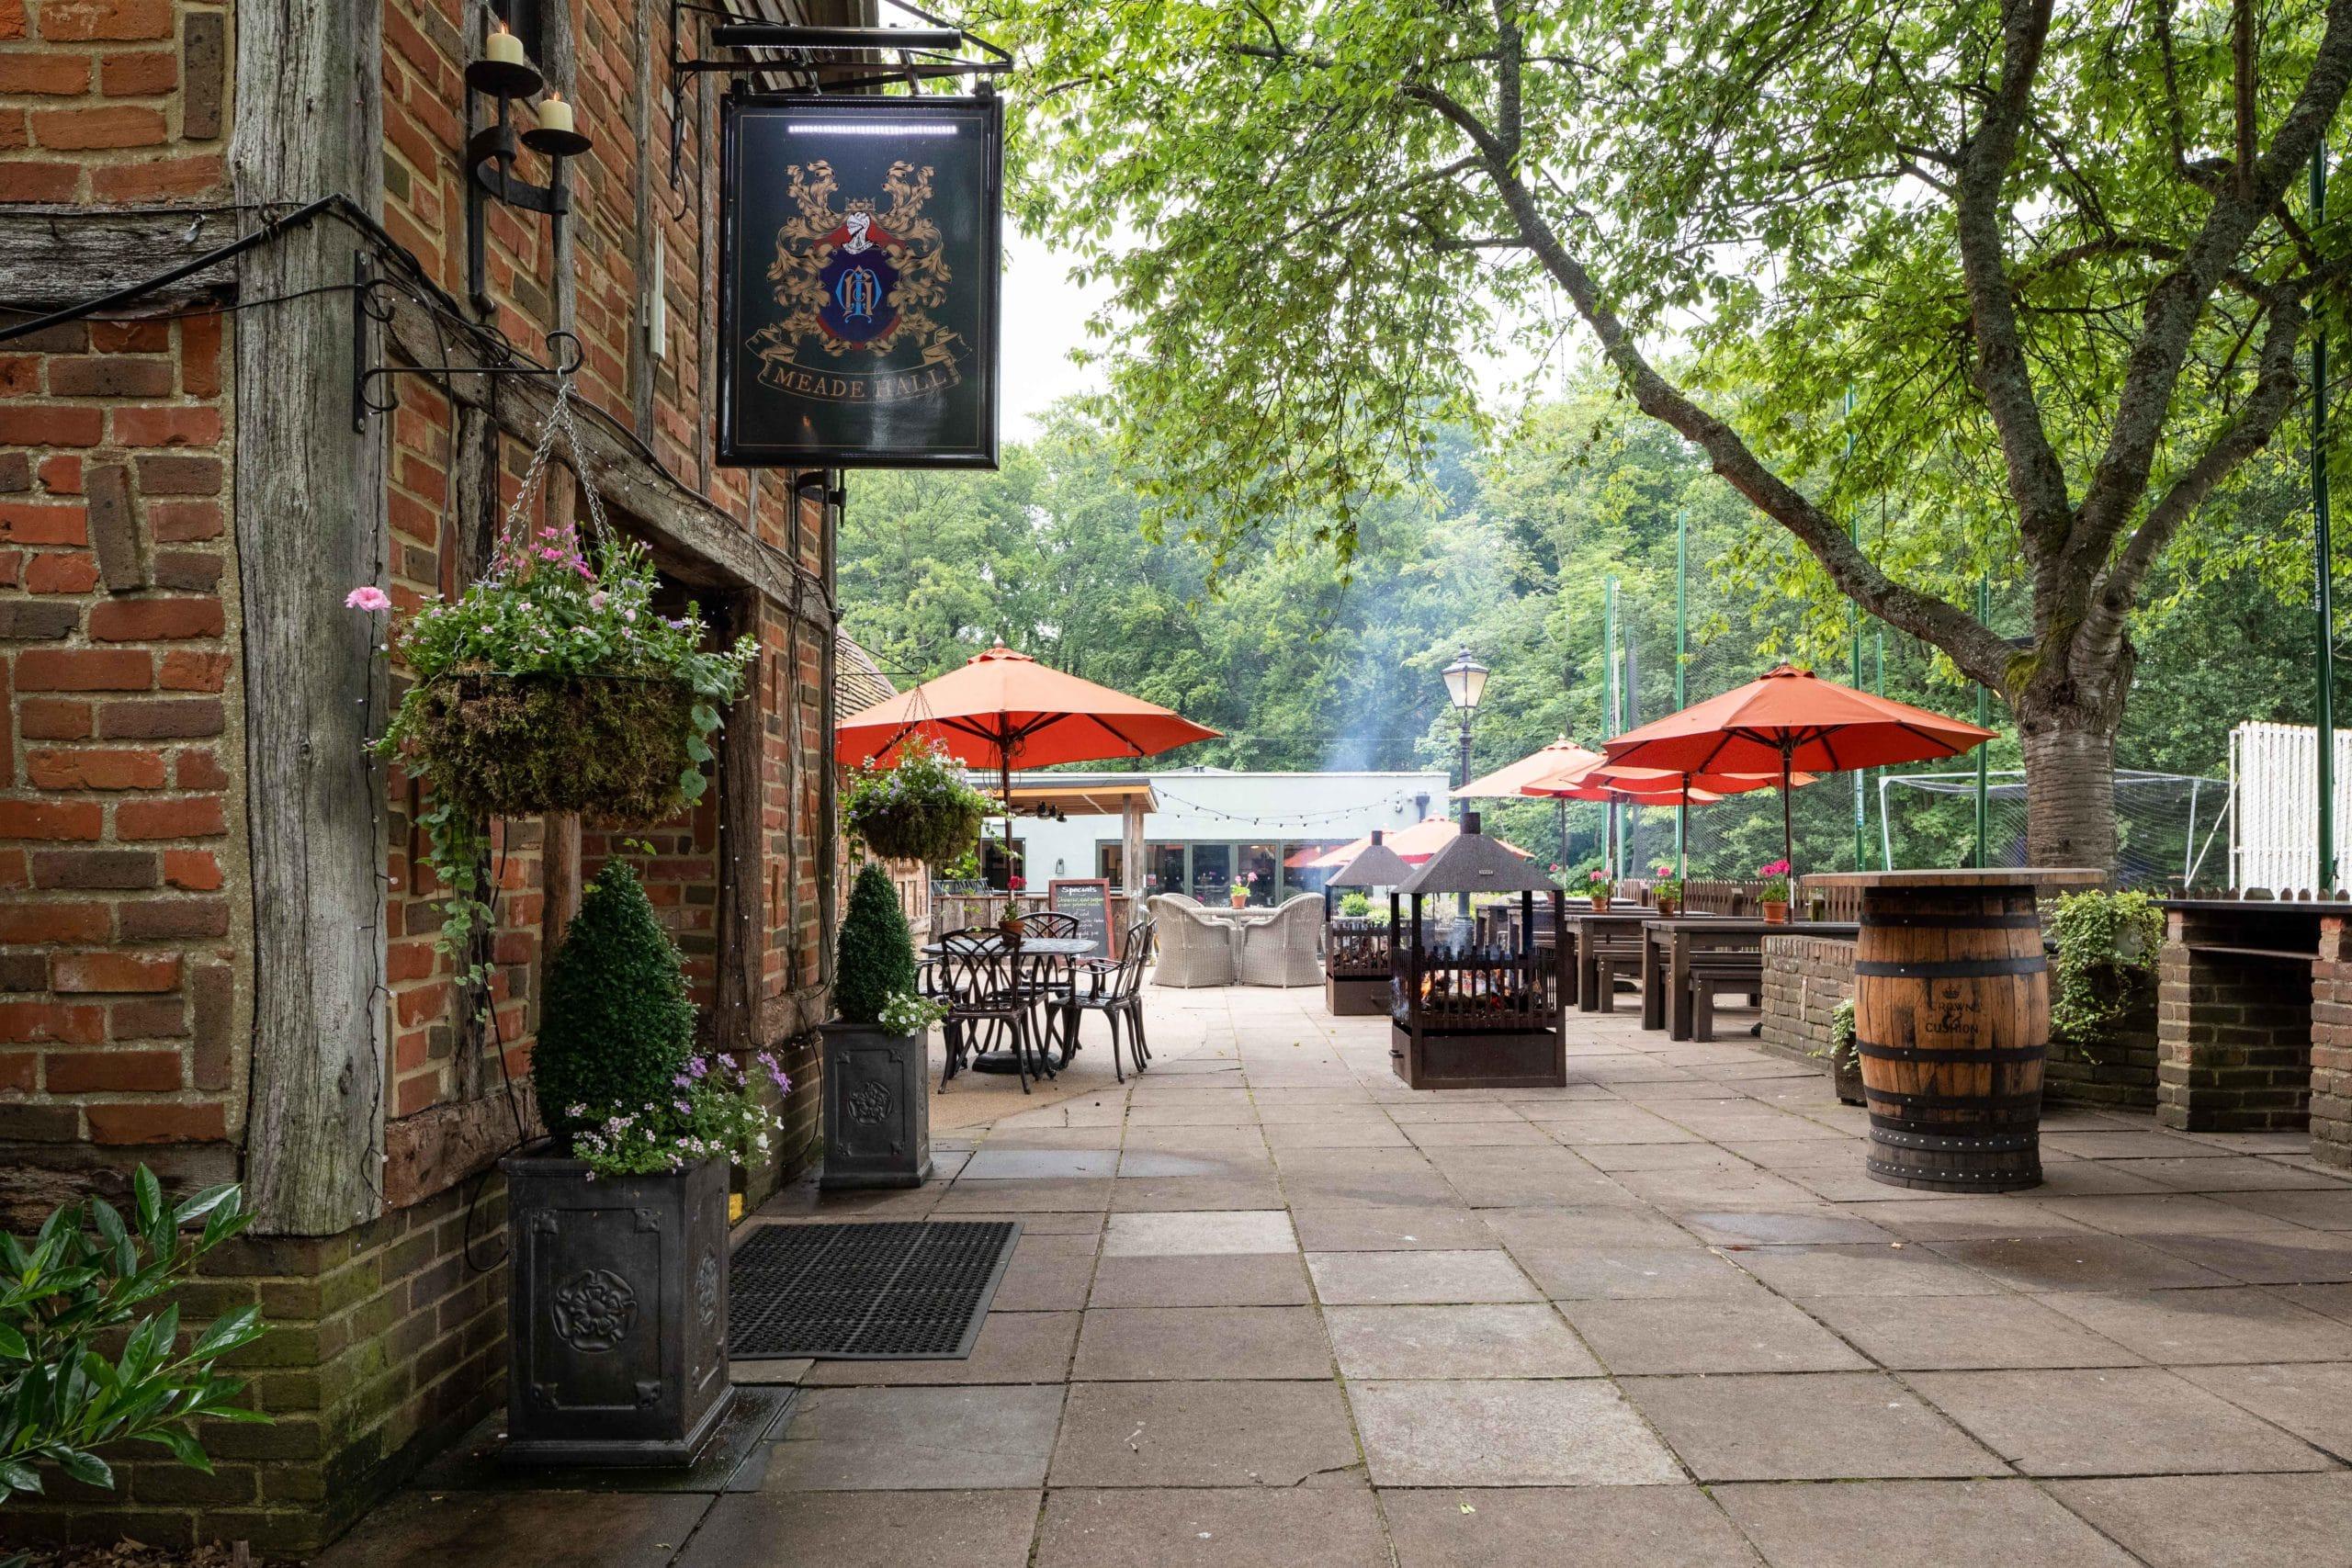 Crown cushion beer garden